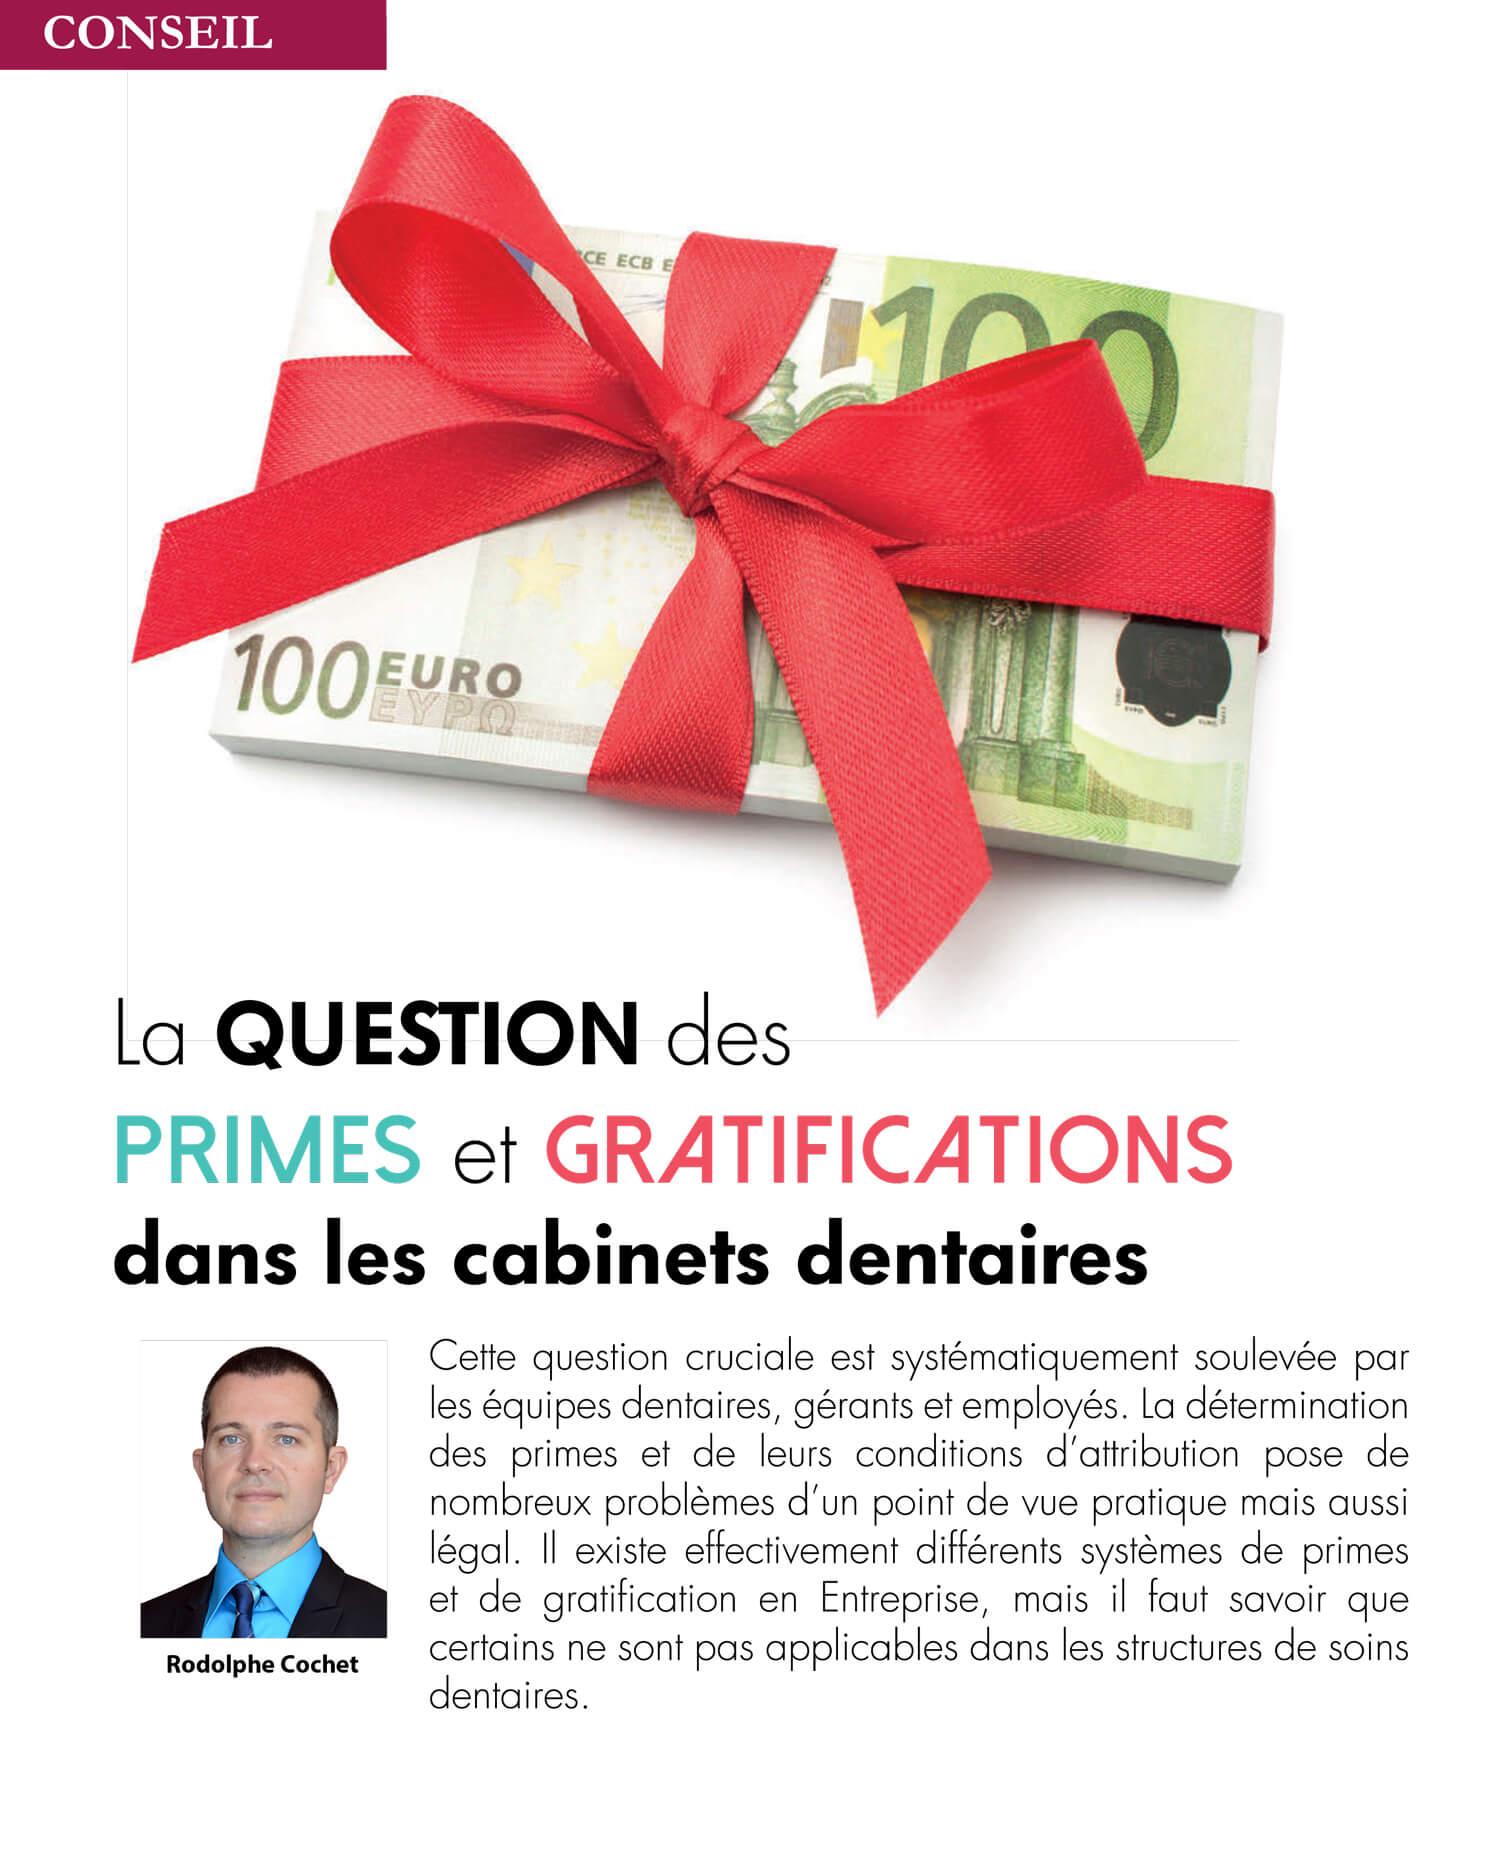 La-question-des-primes-et-gratifications-dans-les-cabinets-dentaires.jpg